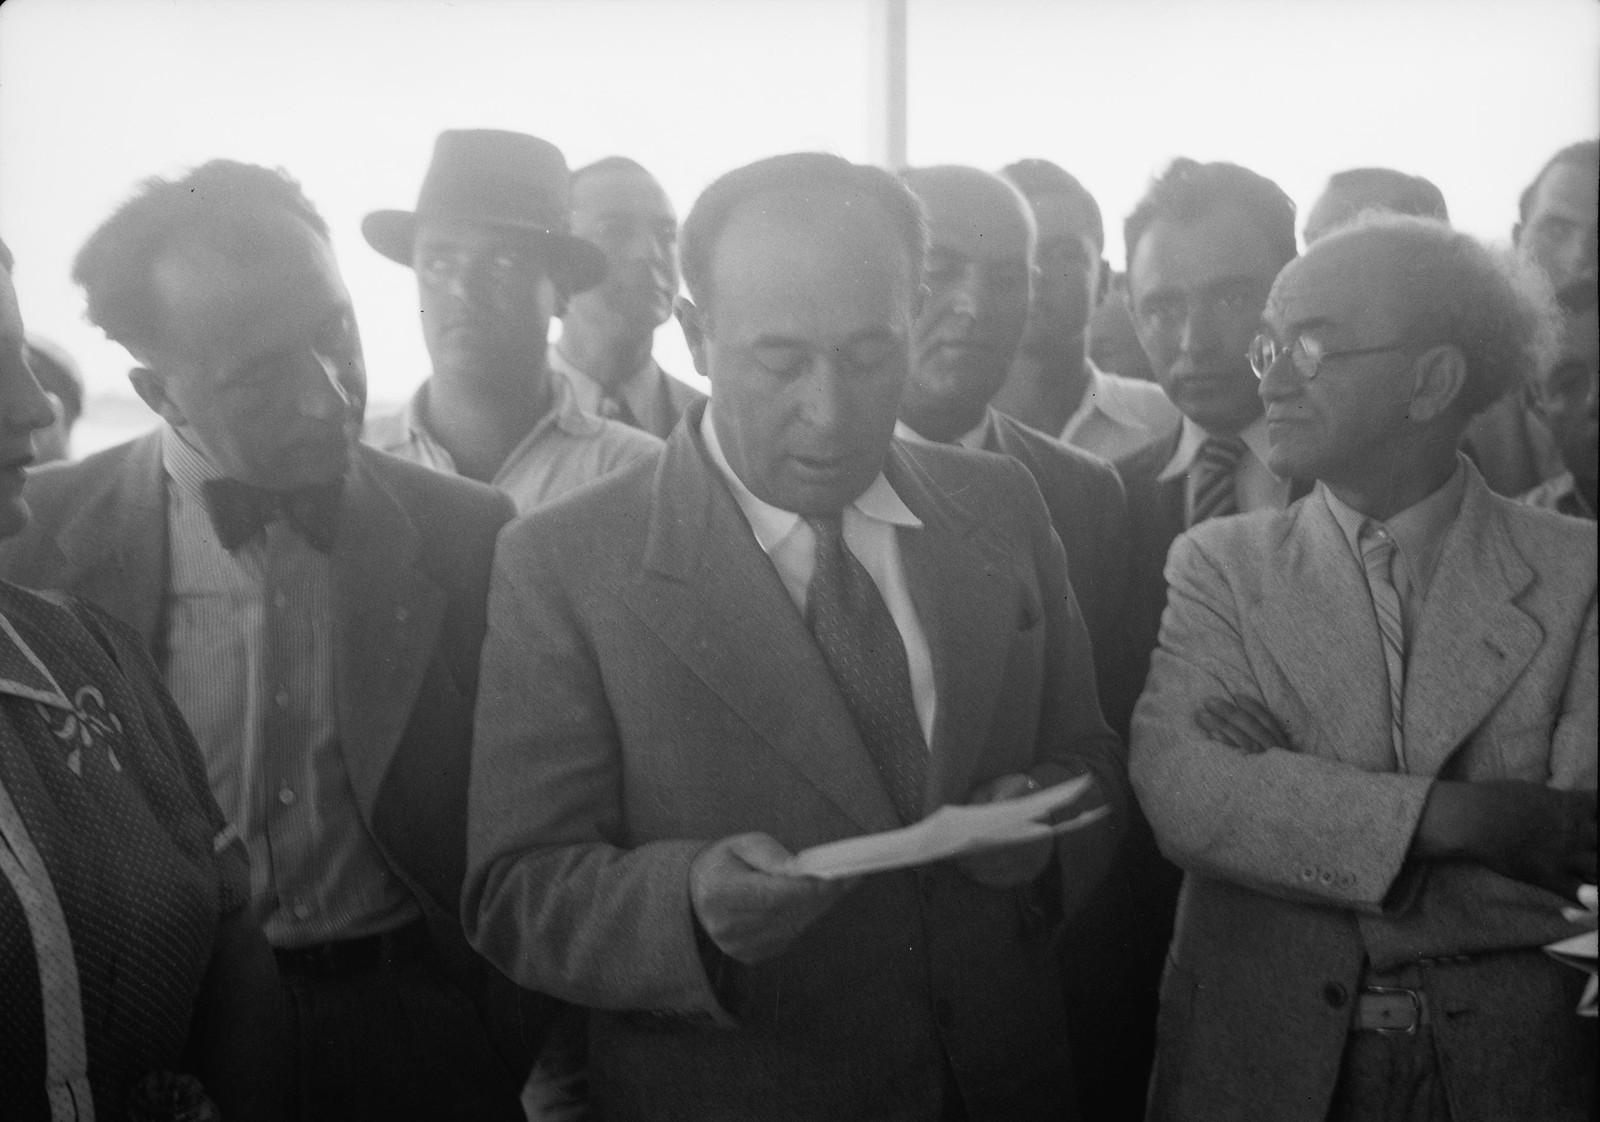 03.  Исраэль Роках, мэр Тель-Авива, произносящий вступительную речь